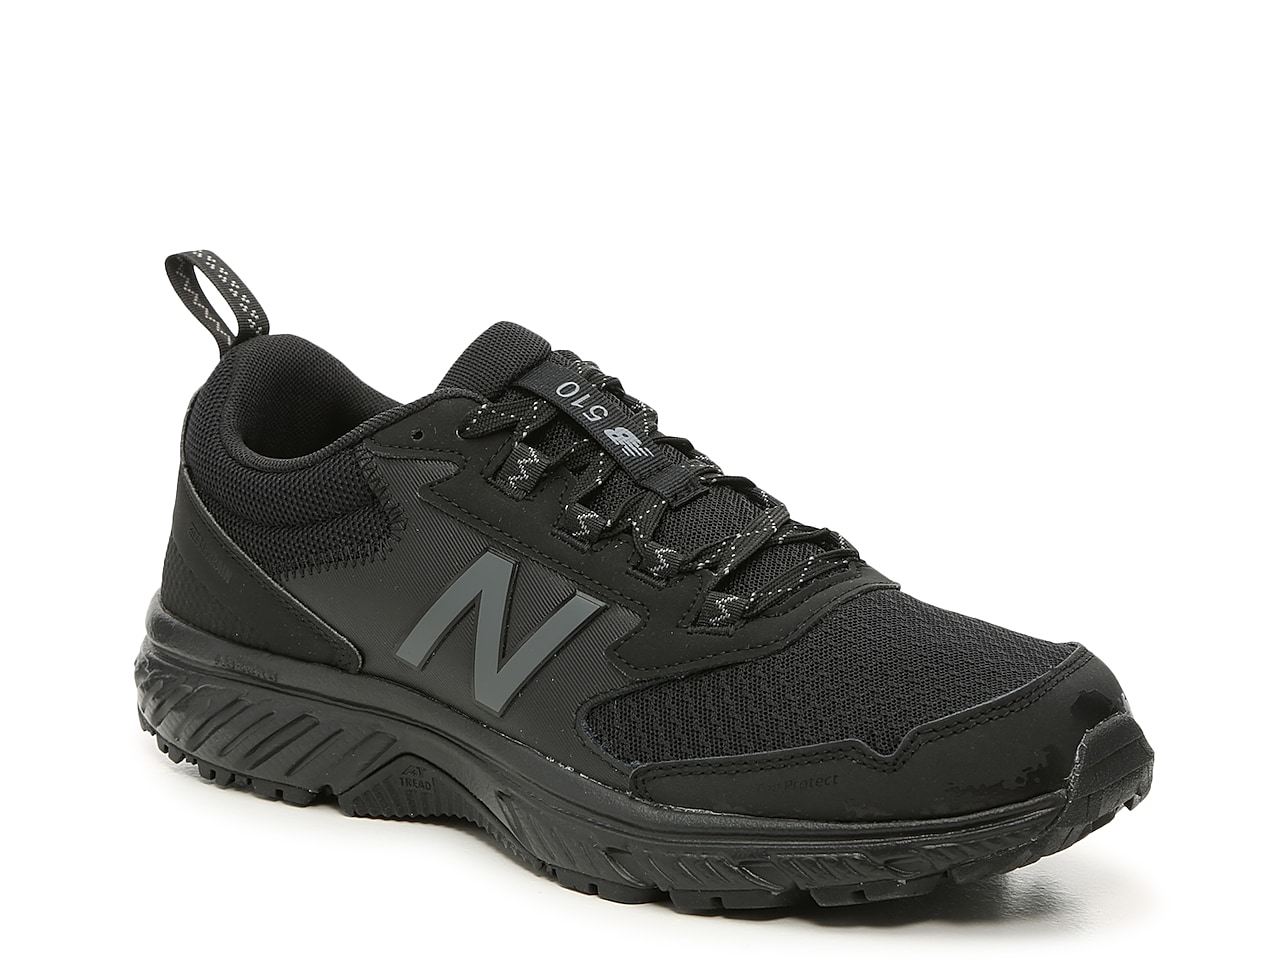 New Balance 510 v4 Trail Running Shoe - Men's